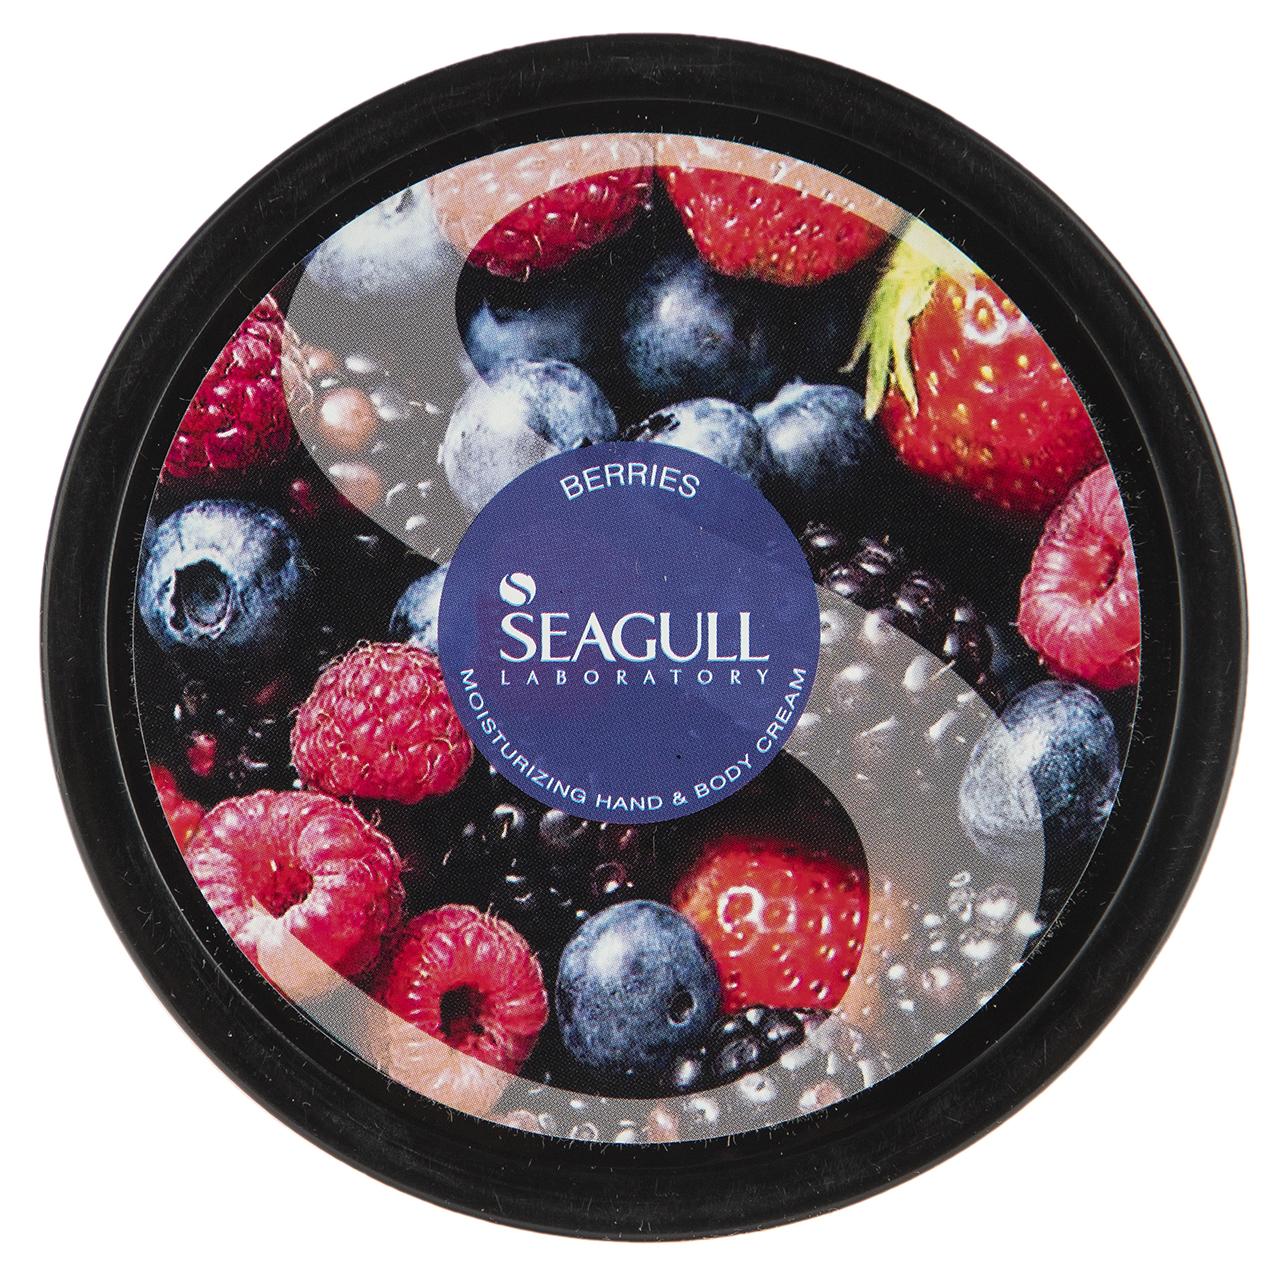 قیمت کرم مرطوب کننده سی گل مدل Berries حجم 200 میلی لیتر